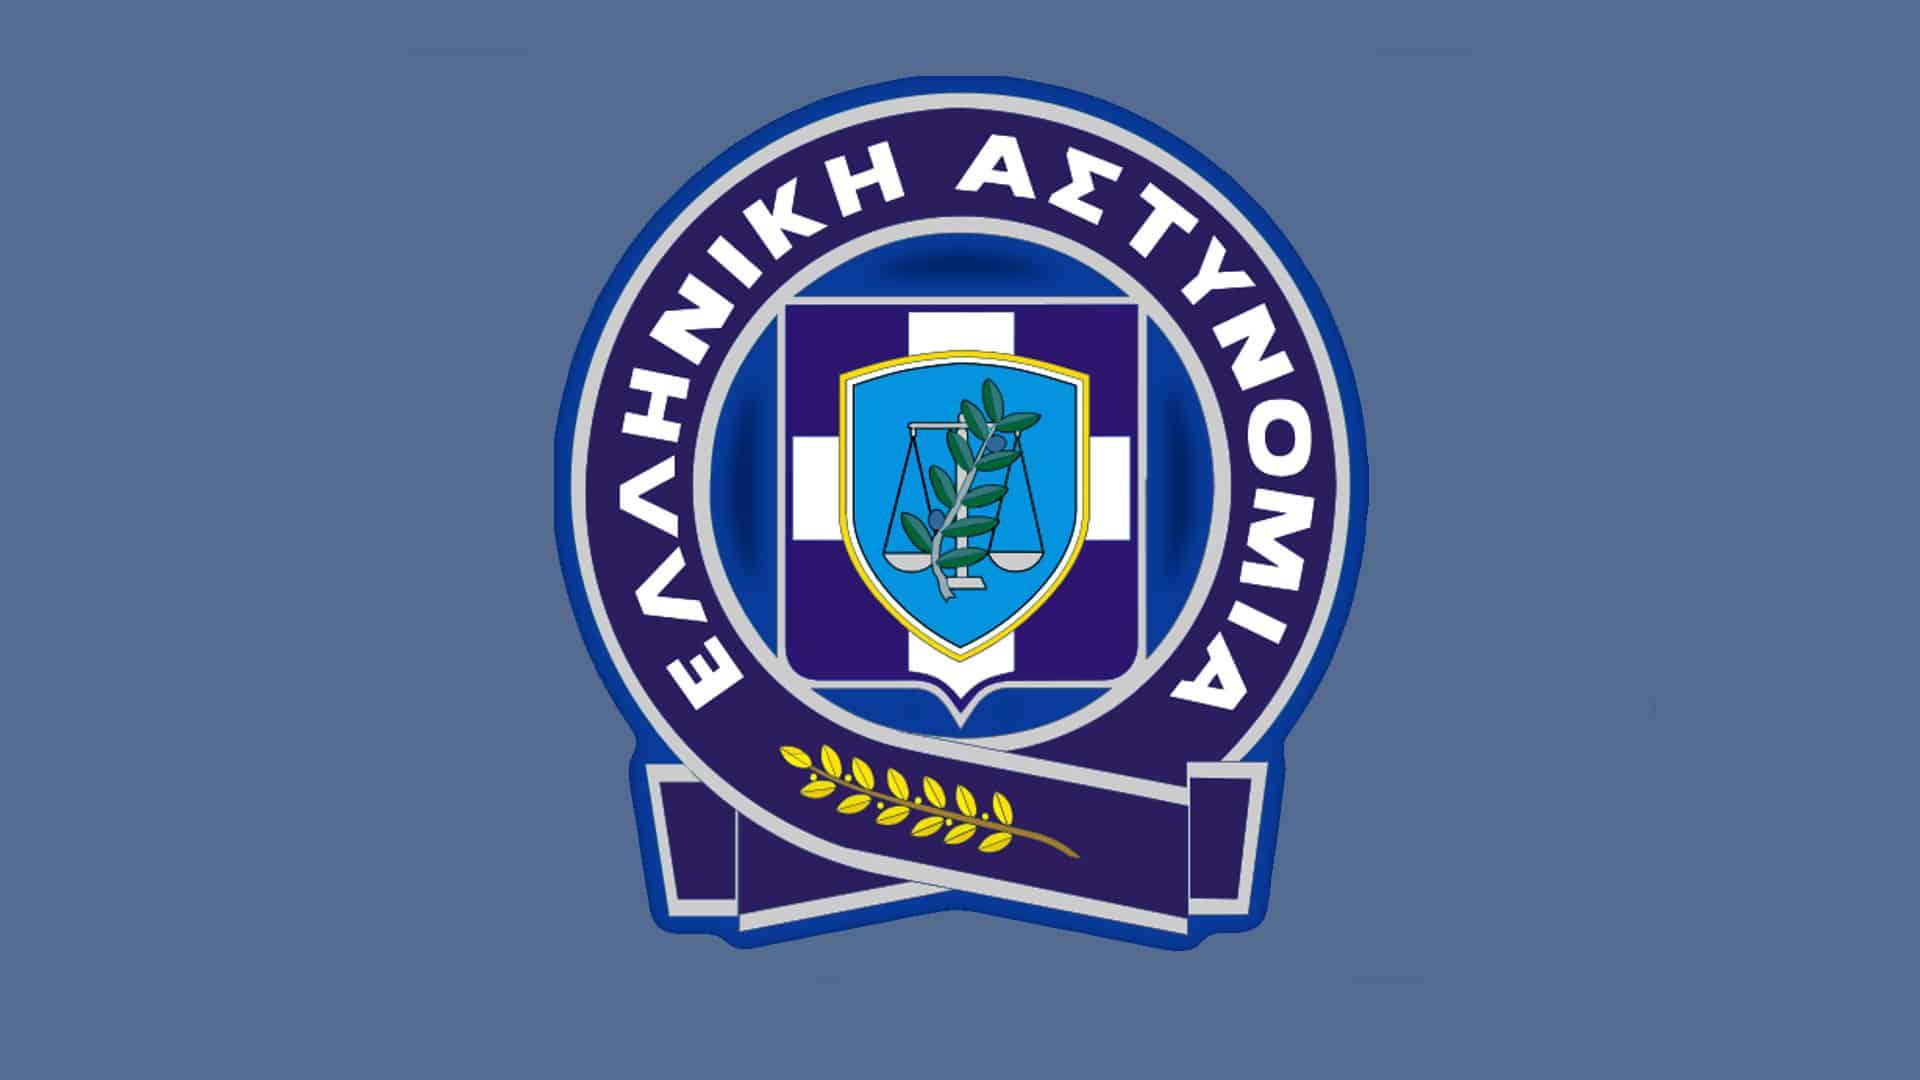 Ιόνιο: Ελληνική Αστυνομία | Ανακοίνωση σχετικά με τηλέφωνα και ...